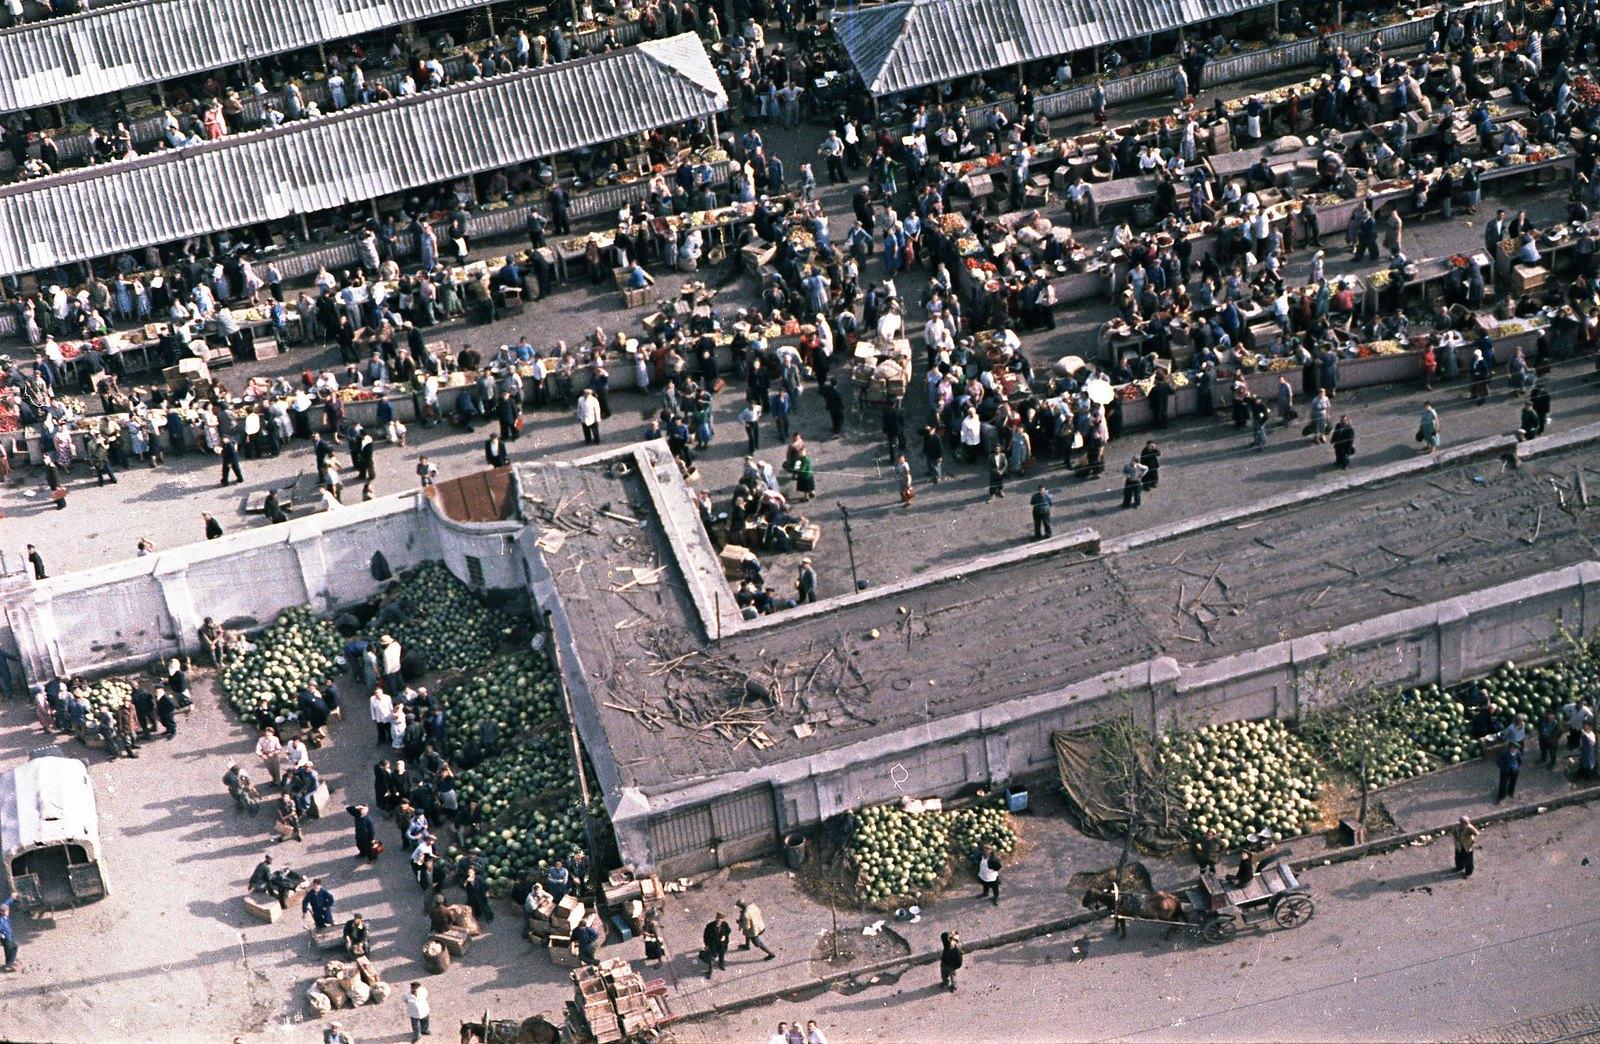 Тбилиси. Съёмка из вертолета. Рынок. сентябрь-октябрь